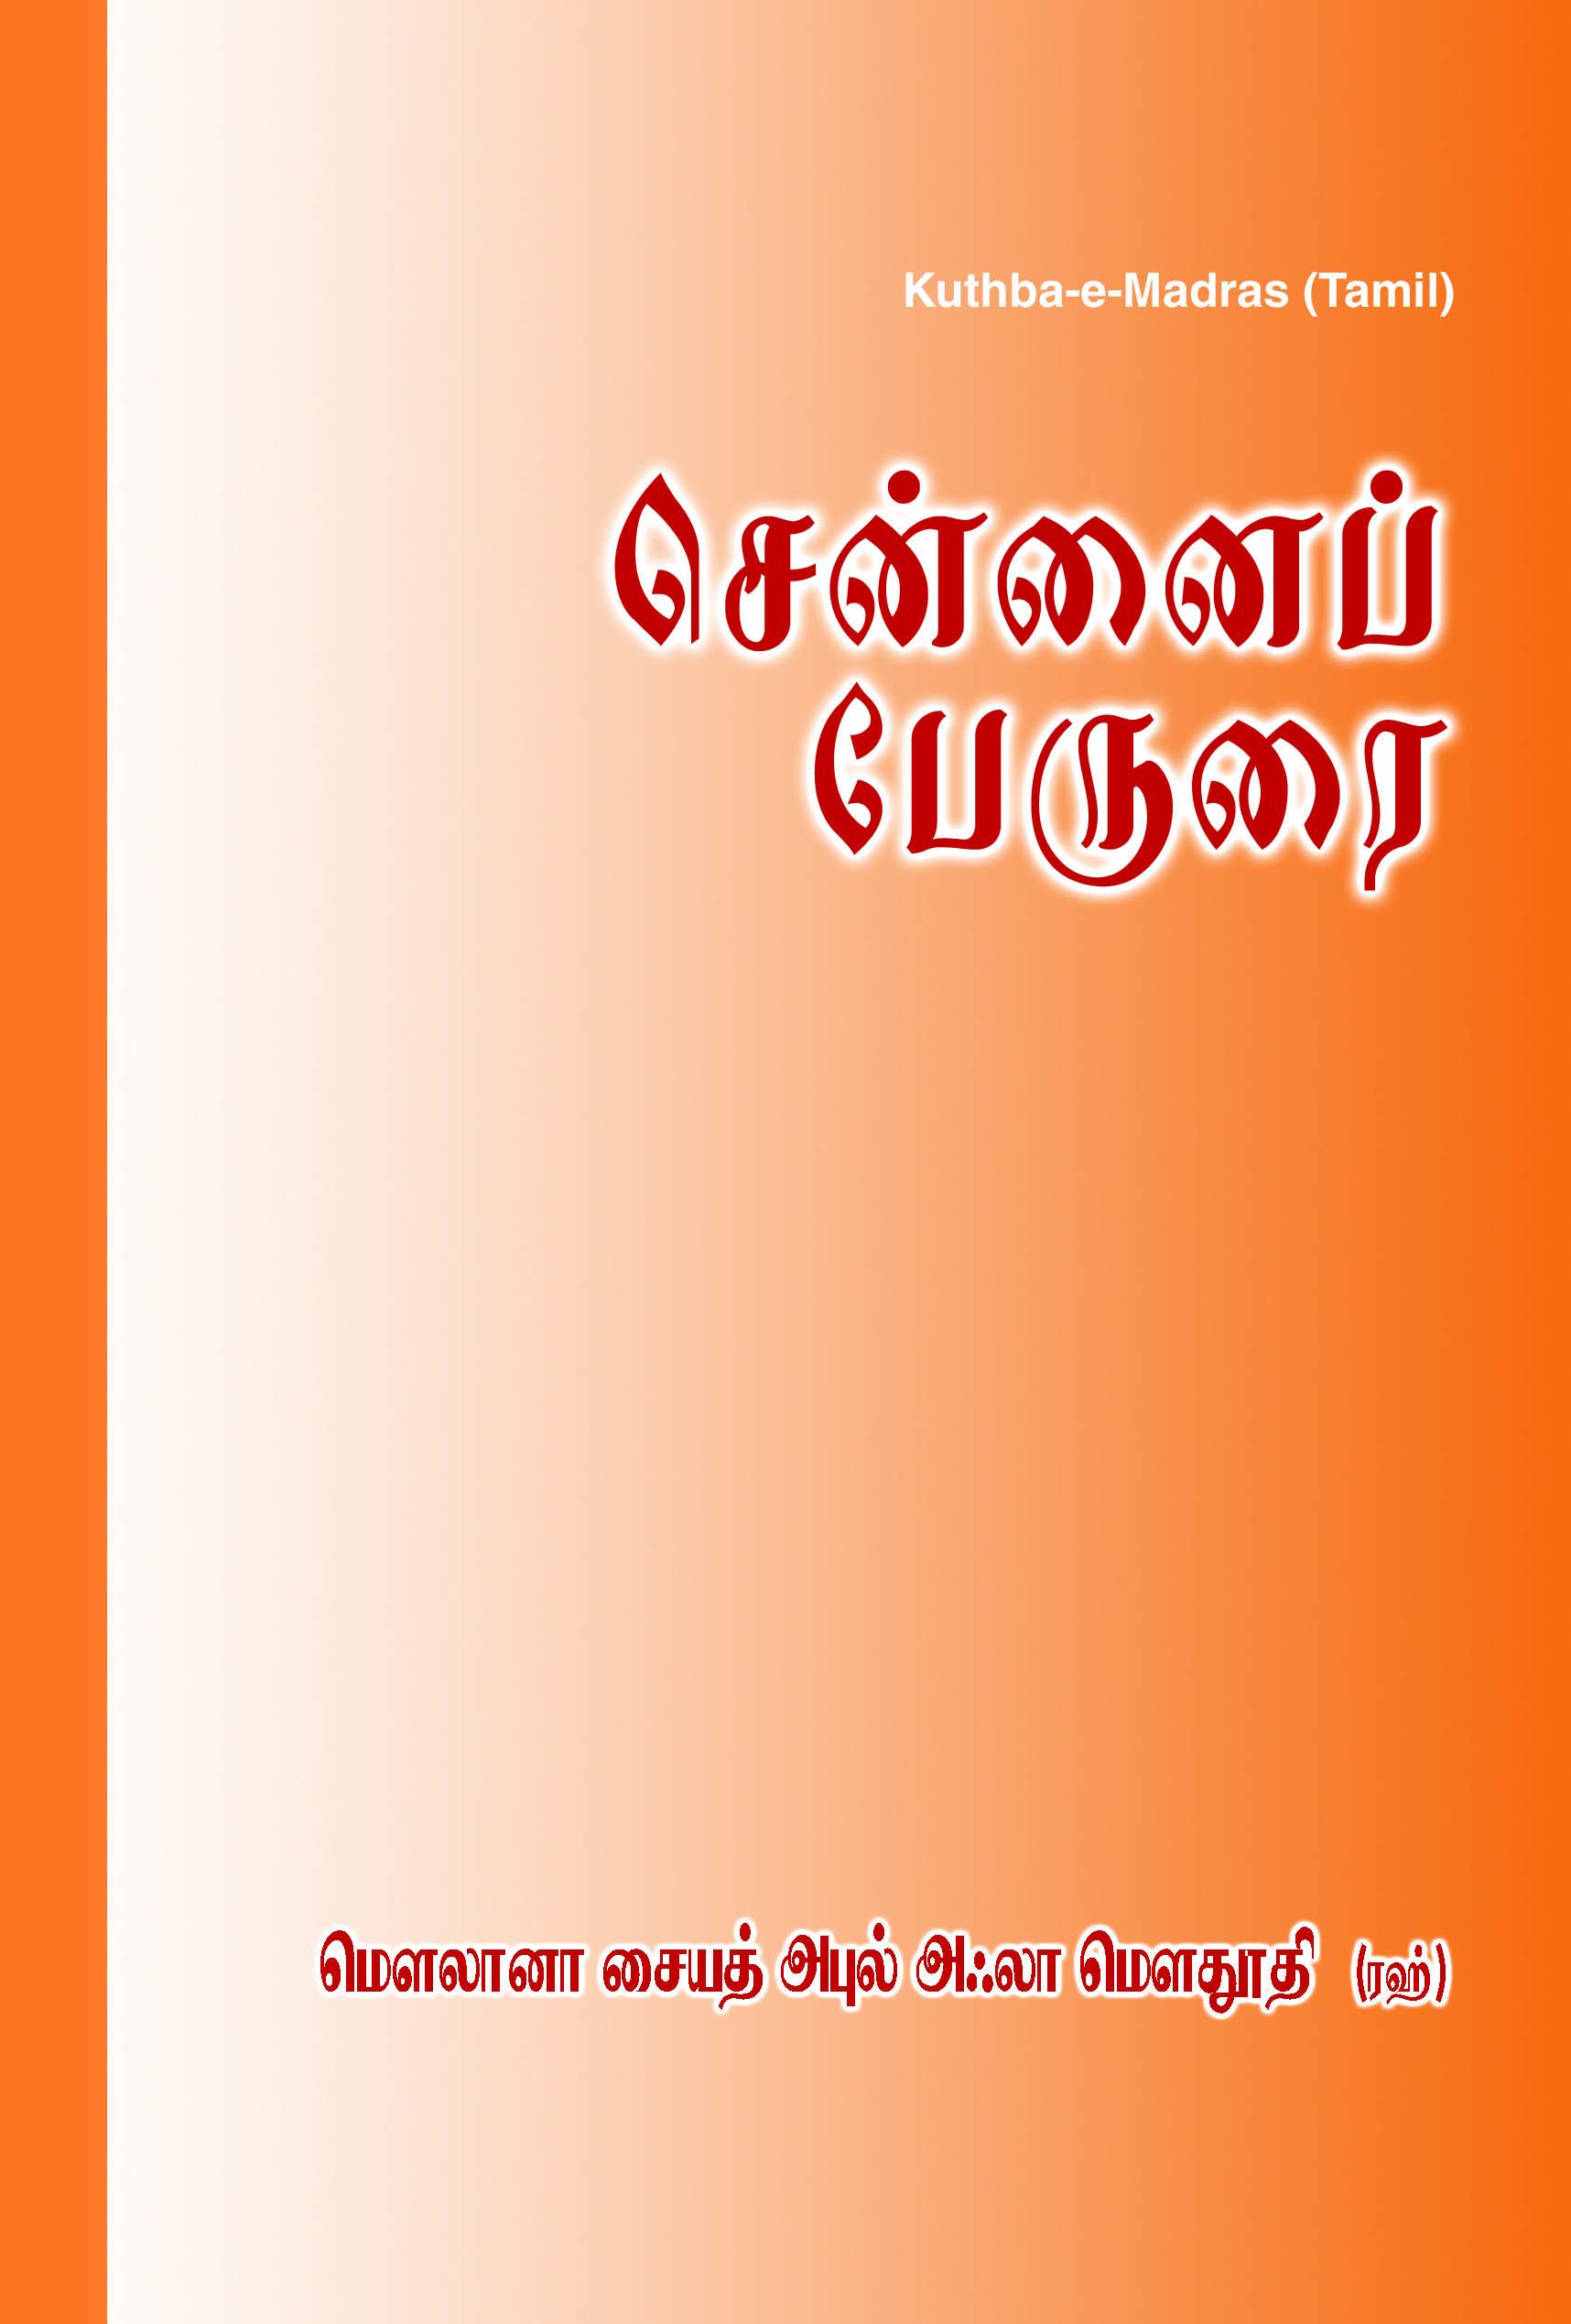 சென்னைப் பேருரை-Chennaip perurai